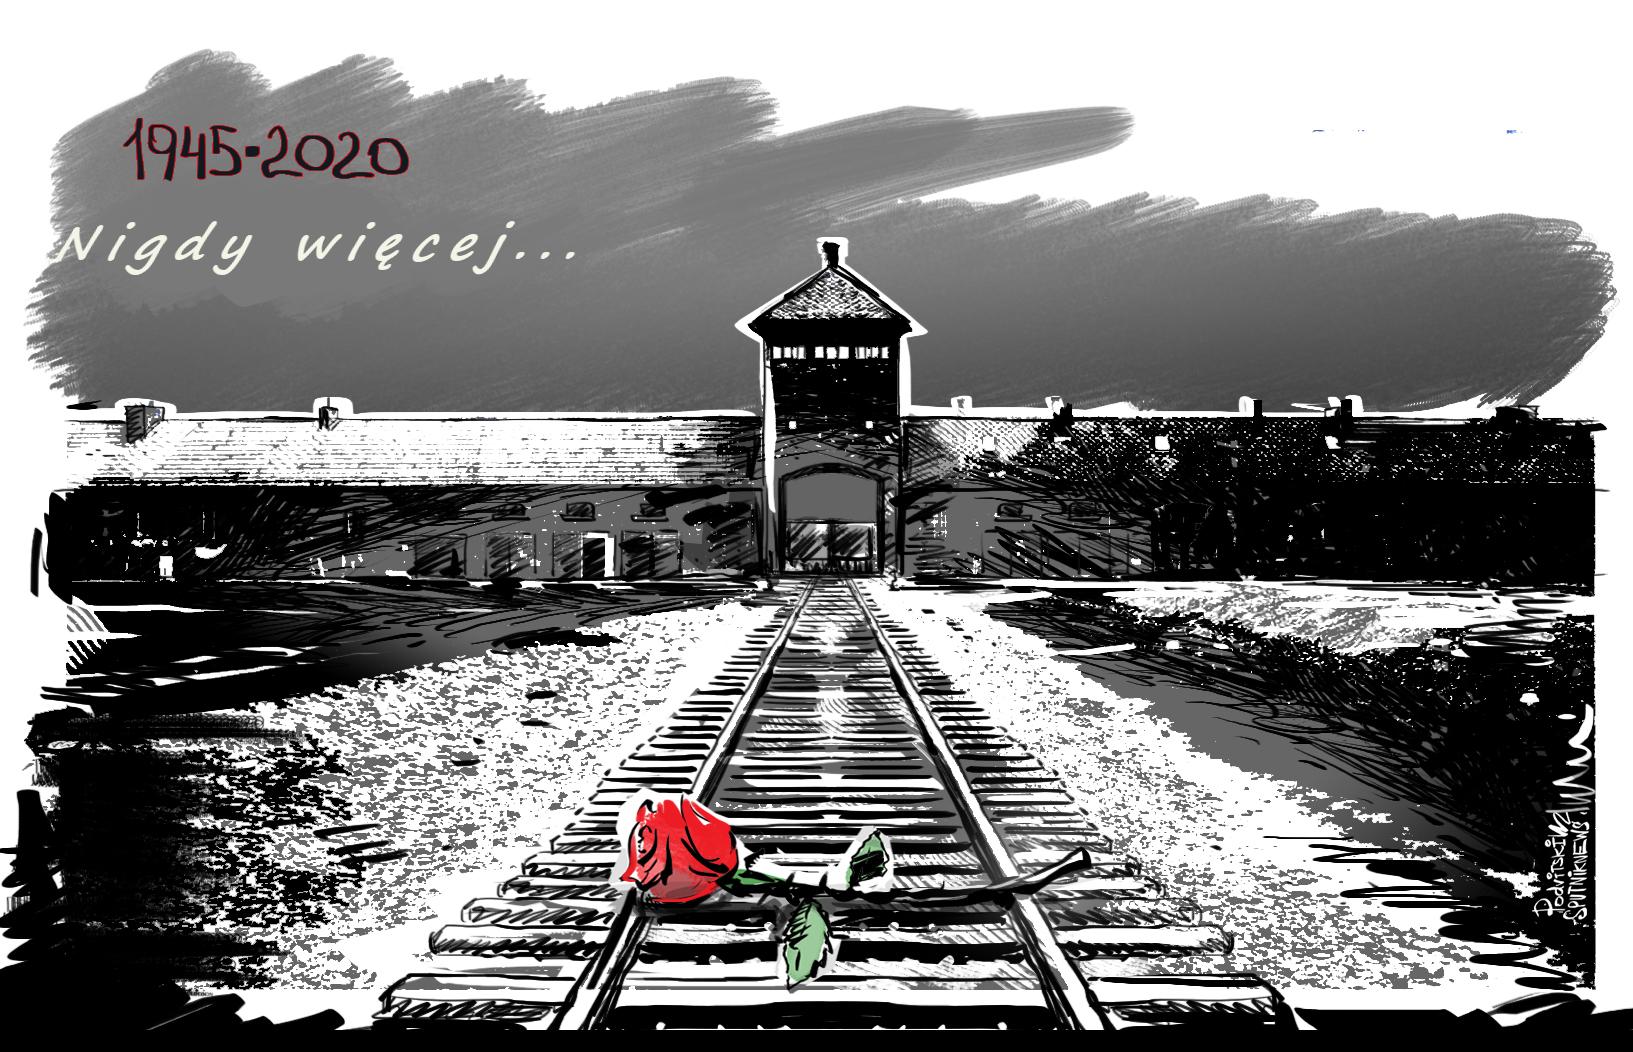 Nigdy więcej: 75. rocznica wyzwolenia obozu Auschwitz-Birkenau